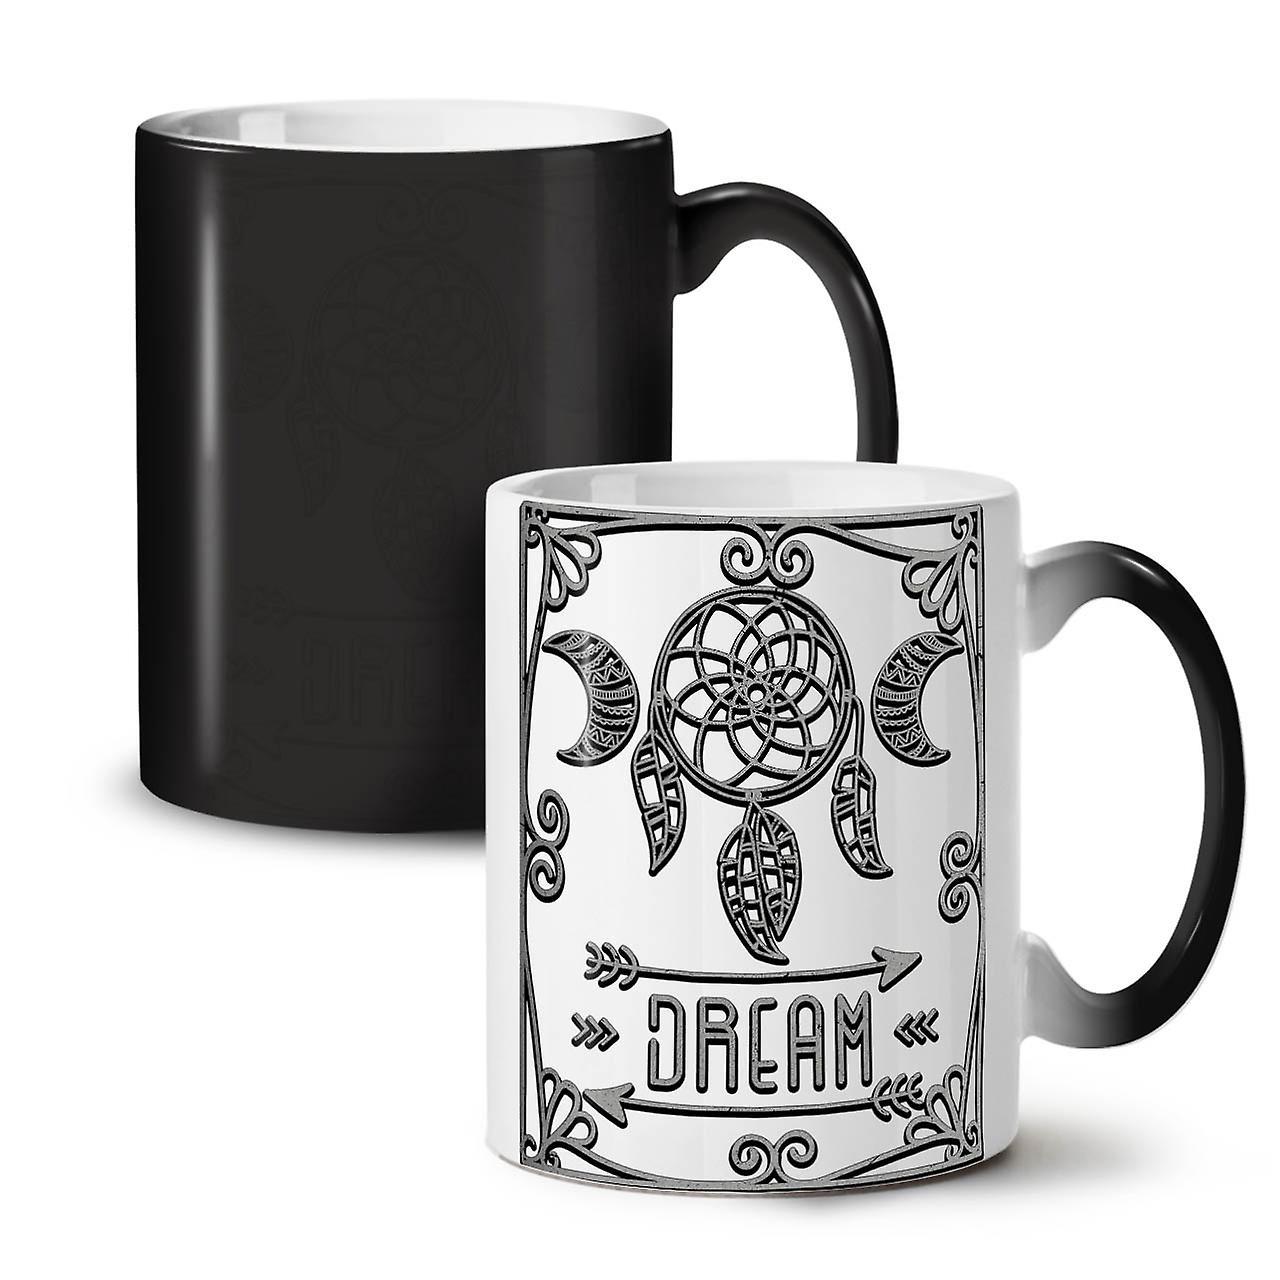 Changeant Céramique Couleur Rêver Tasse Nouvelle Thé De 11 OzWellcoda Café D'ornement Noir OnkX8P0w